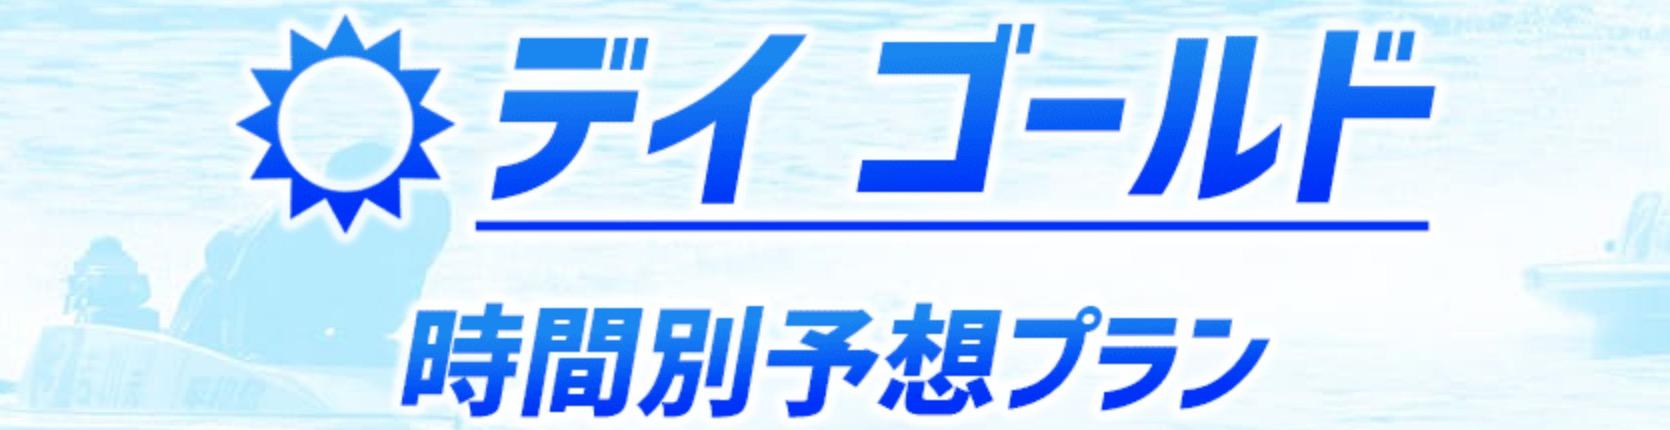 競艇予想NOVA(ノヴァ)13